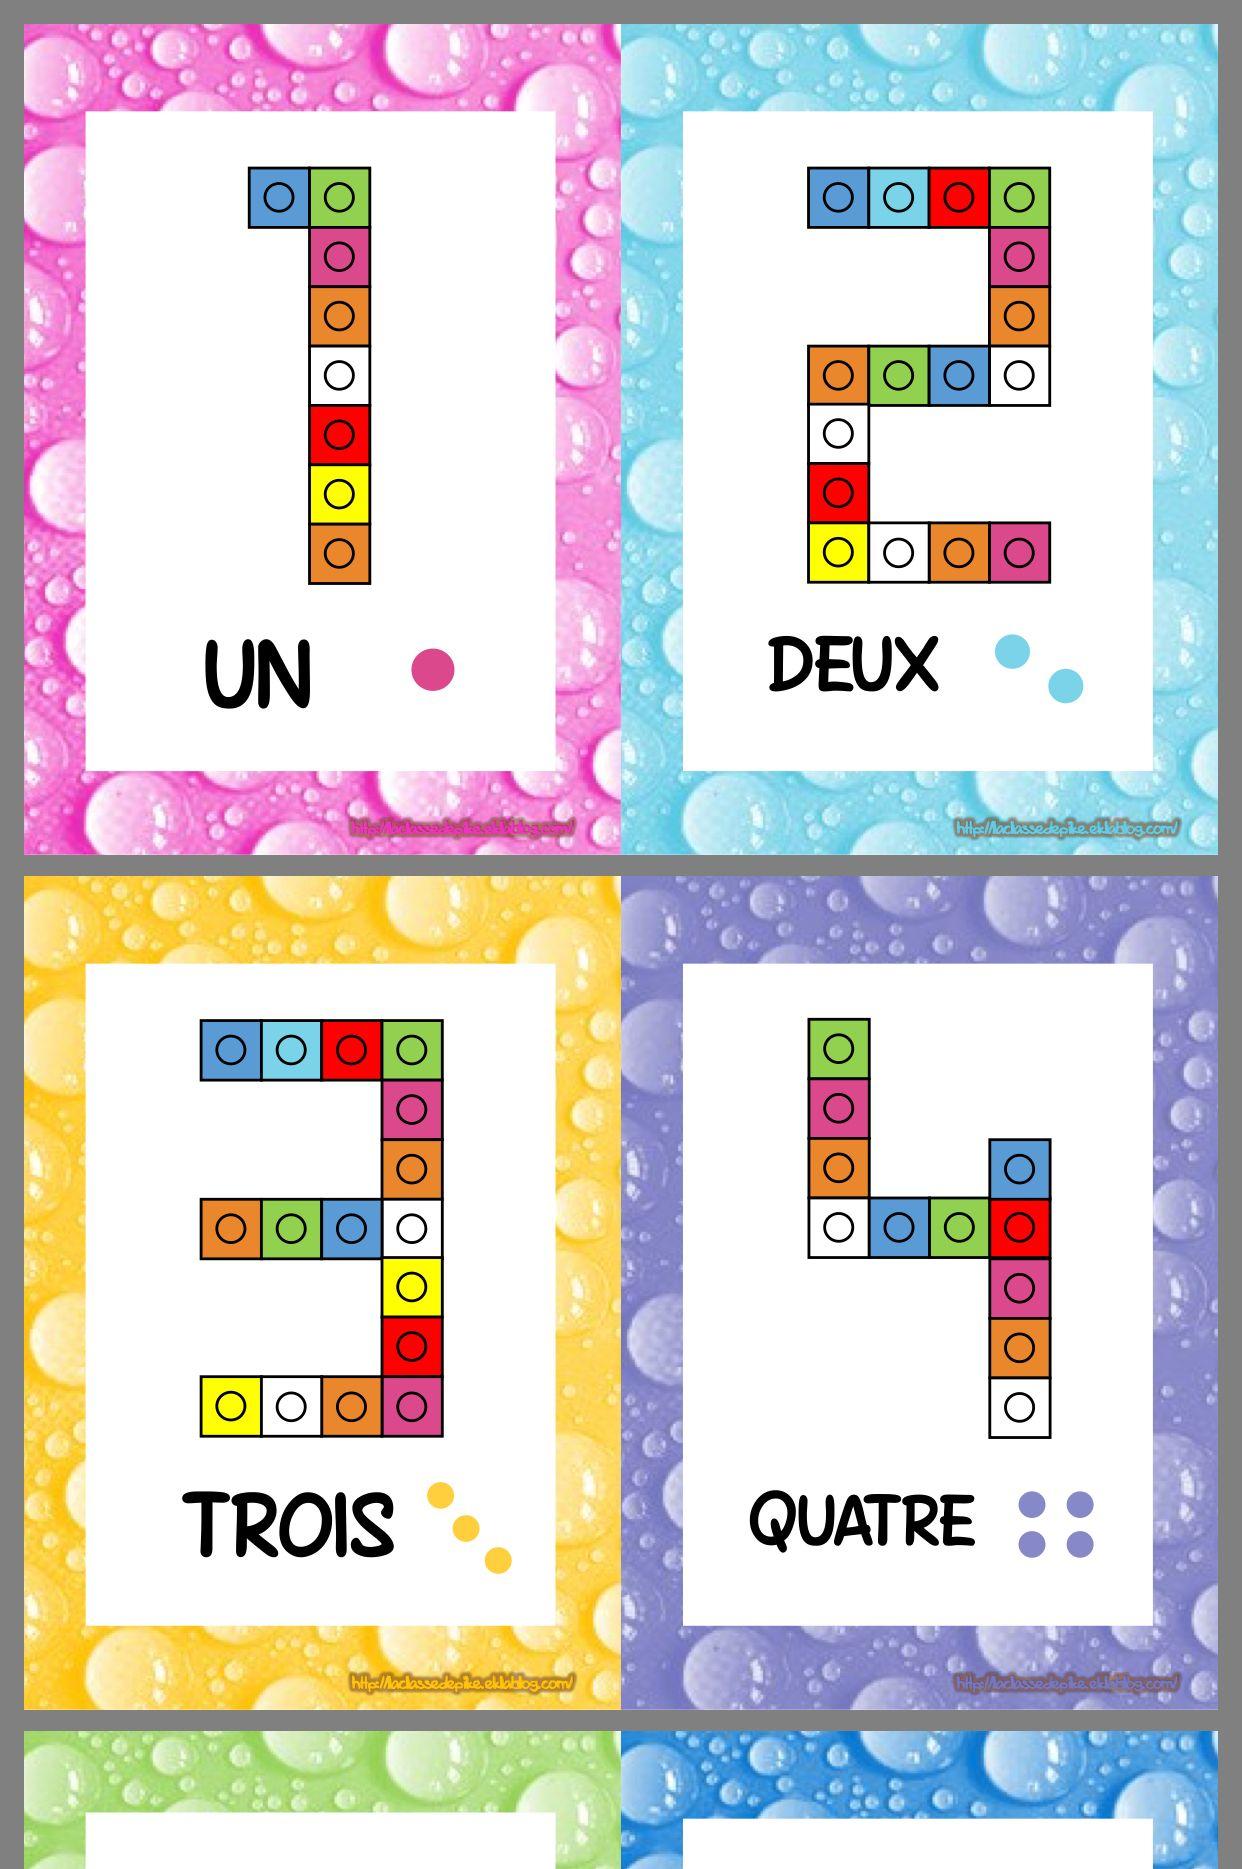 Jeux Pedagogique Maternelle - Primanyc encequiconcerne Jeux Ludique Maternelle